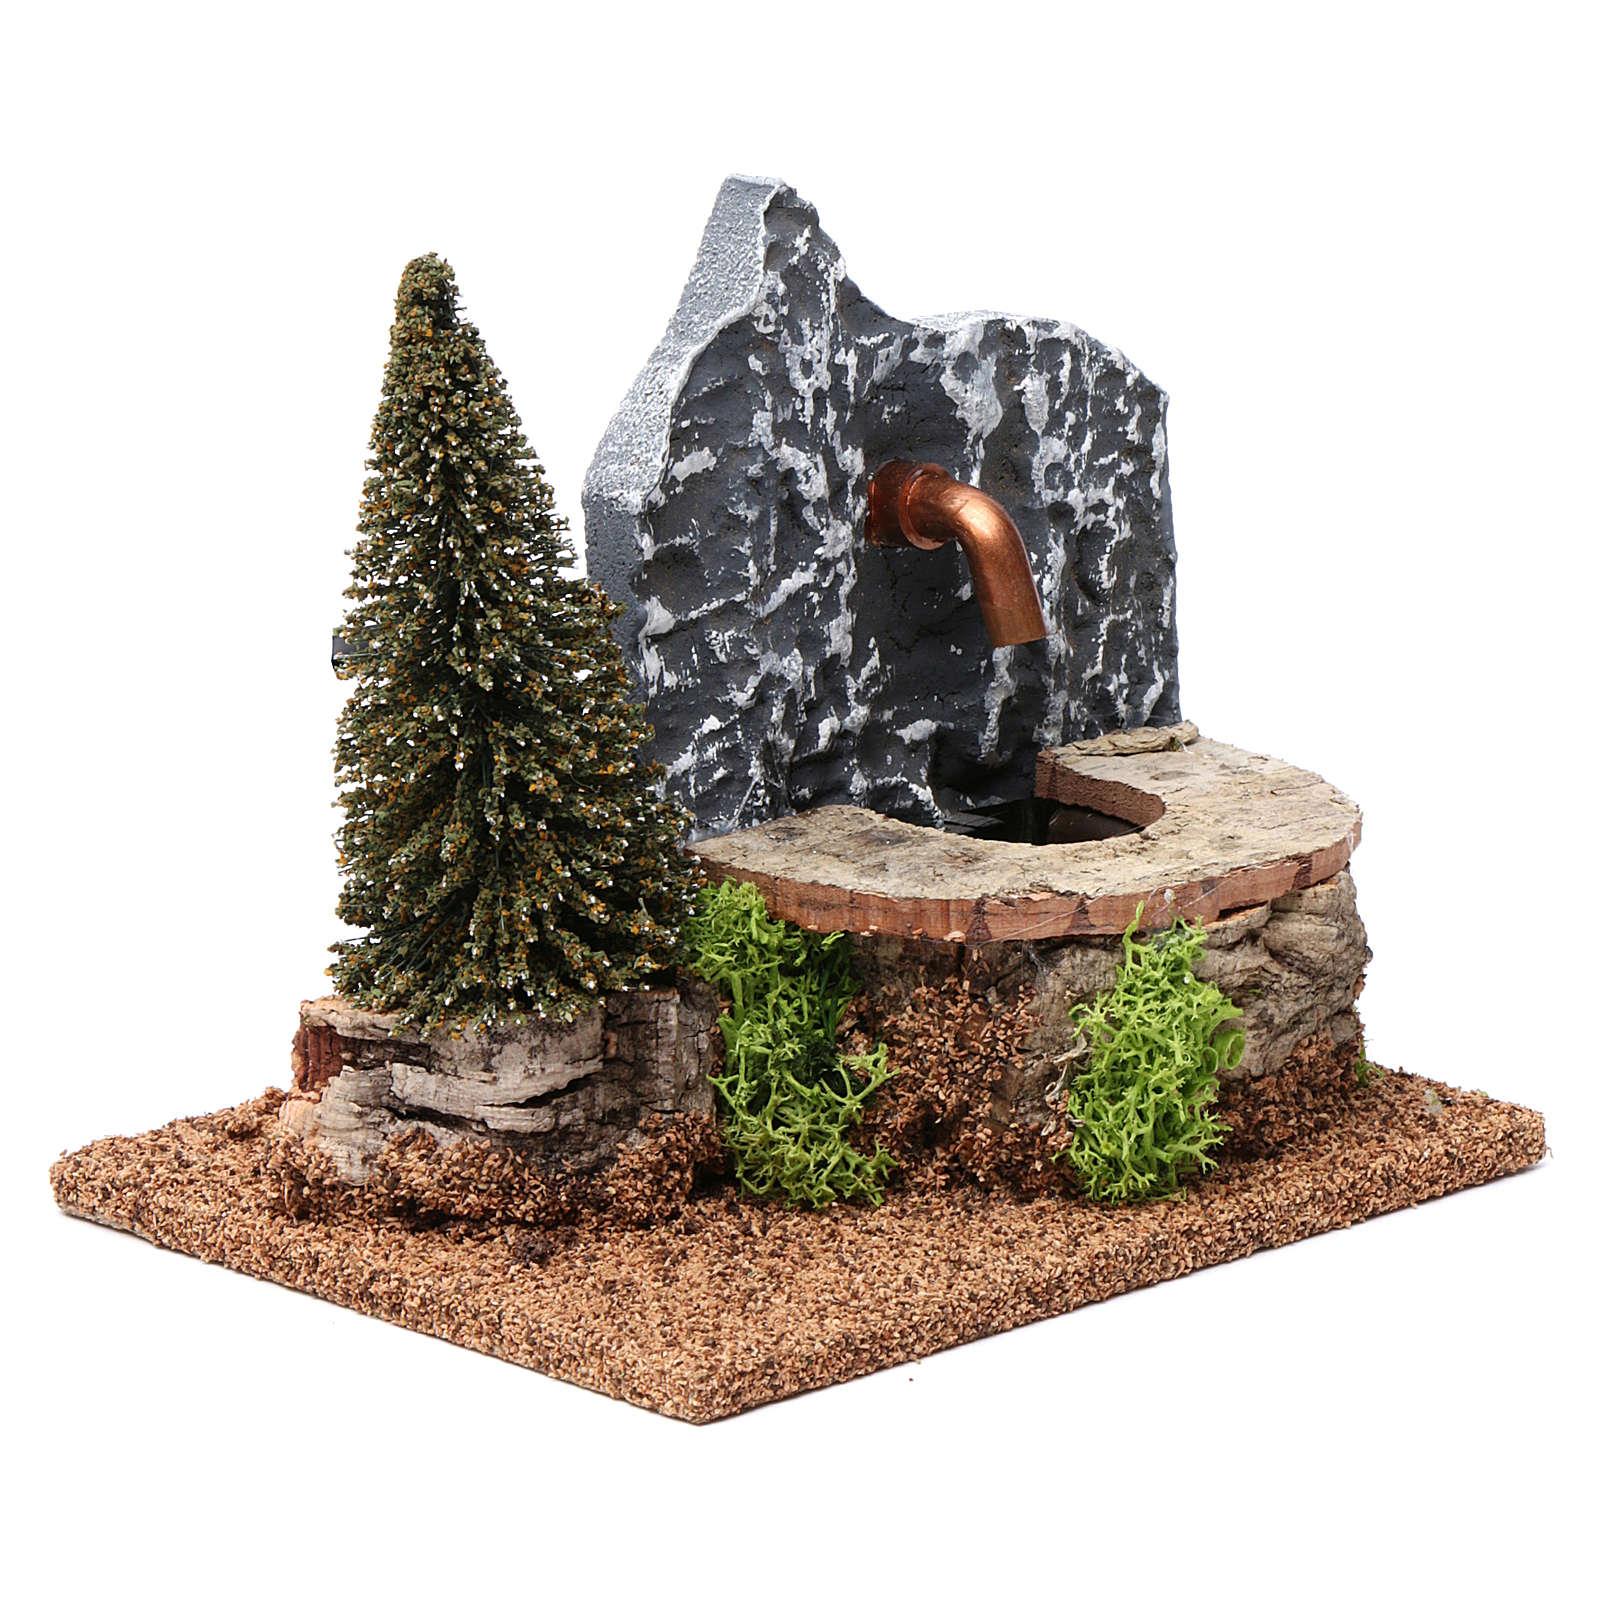 Fontana elettrica in sughero con pino 15X20X15 cm per presepi 9-10 cm 4